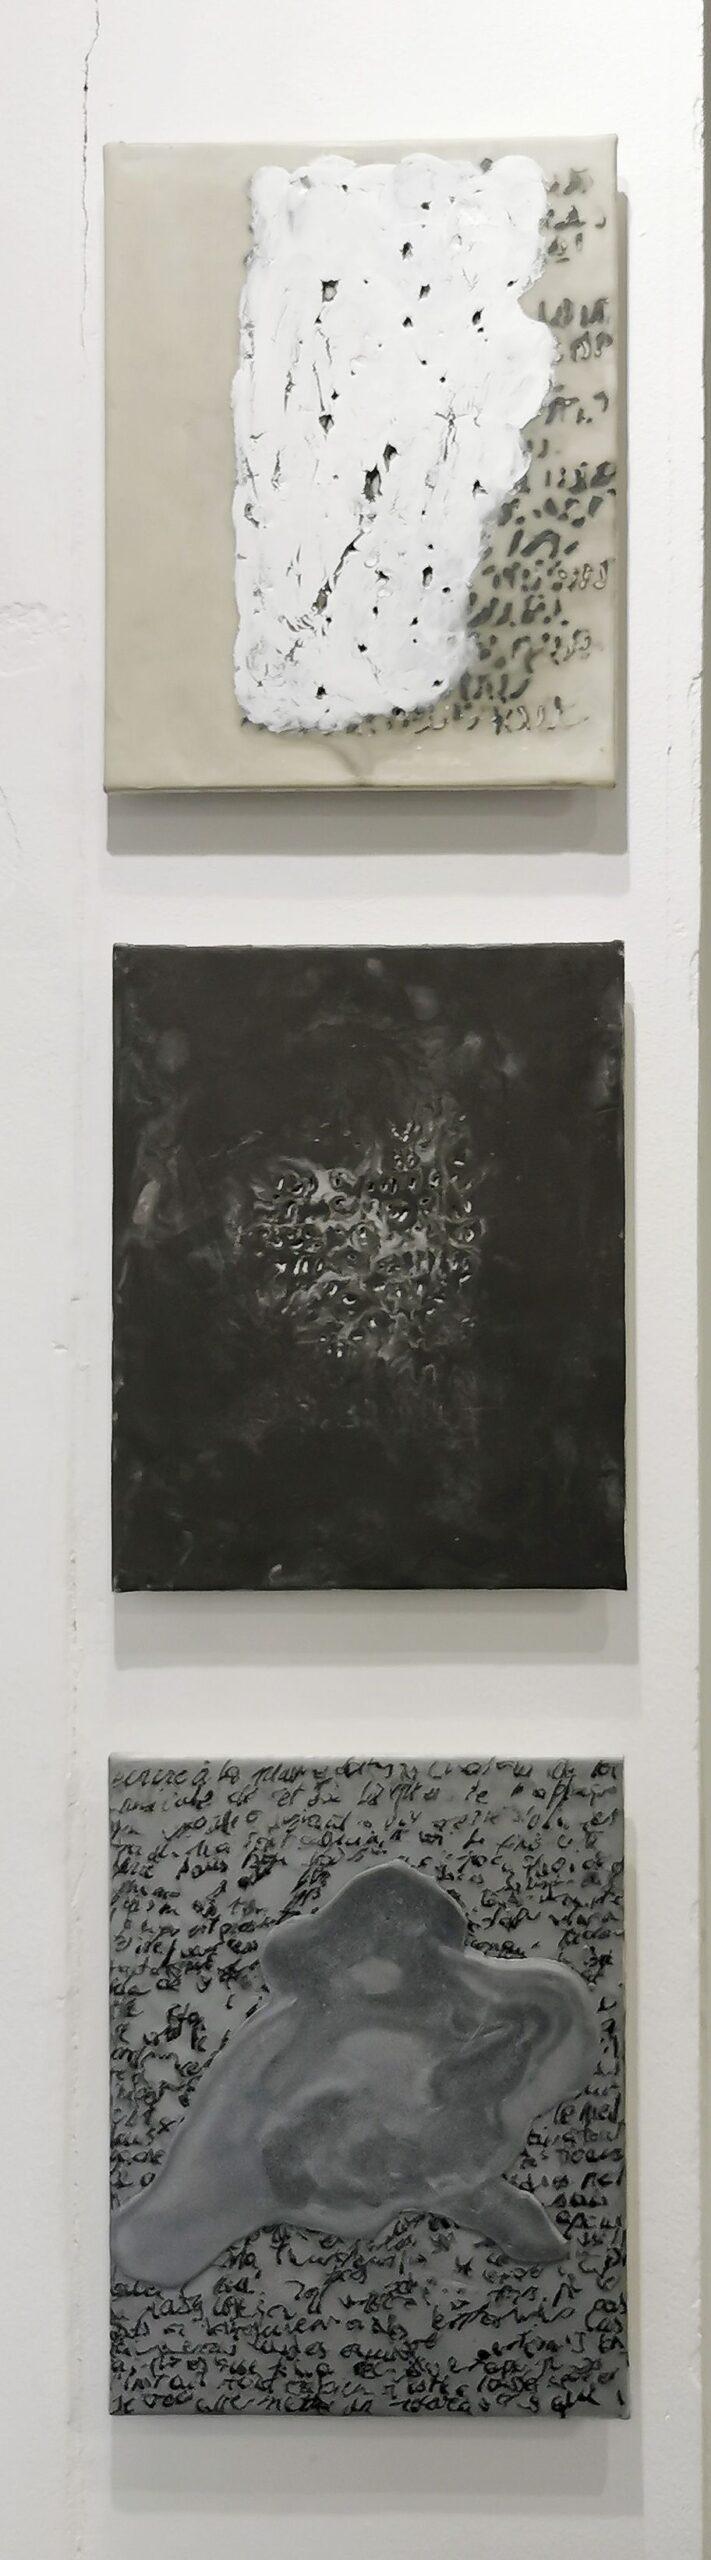 Pascale Hugonet - Croquis, 2018 - Traces à la N5 Galerie - Montpellier